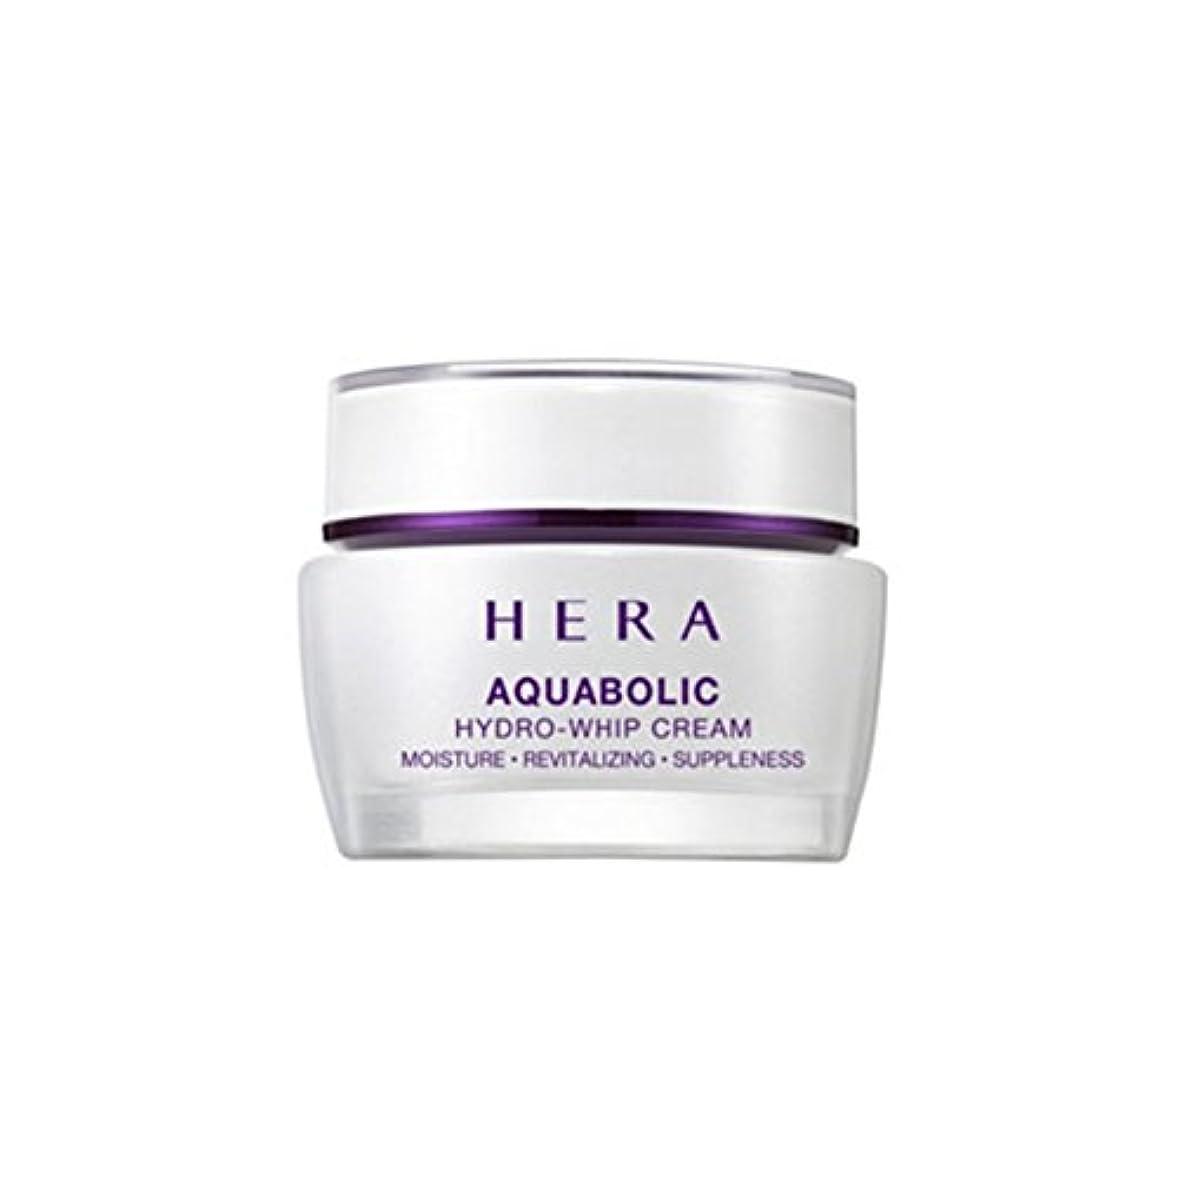 口実離れたパキスタン(ヘラ) HERA Aquabolic Hydro-Whip Cream アクアボリックハイドロホイップ クリーム (韓国直発送) oopspanda